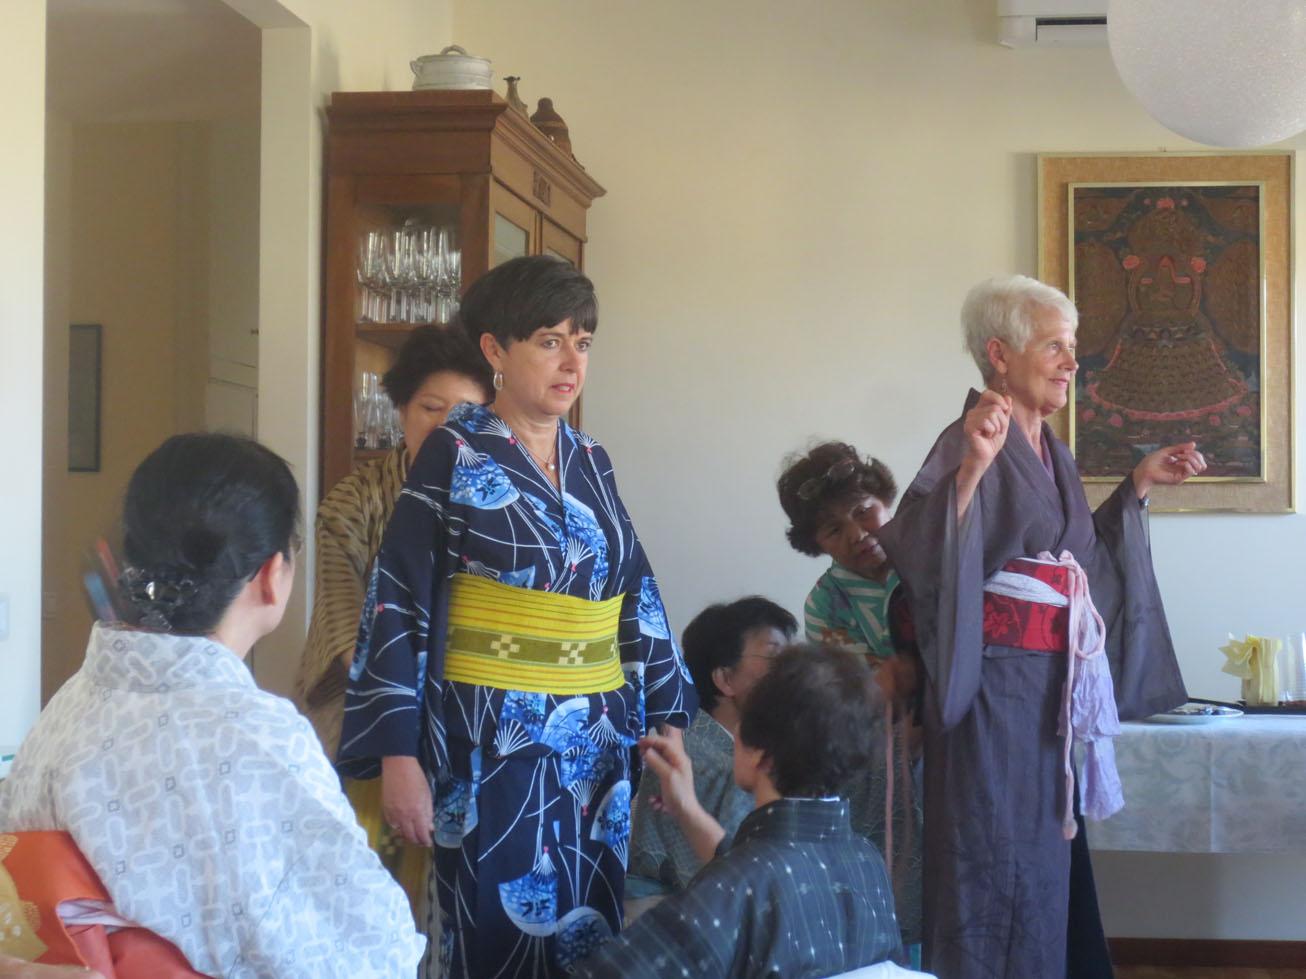 イタリア人も興味あるある〜〜!!日本文化お家フェスター着物を着る編_c0179785_15483945.jpg